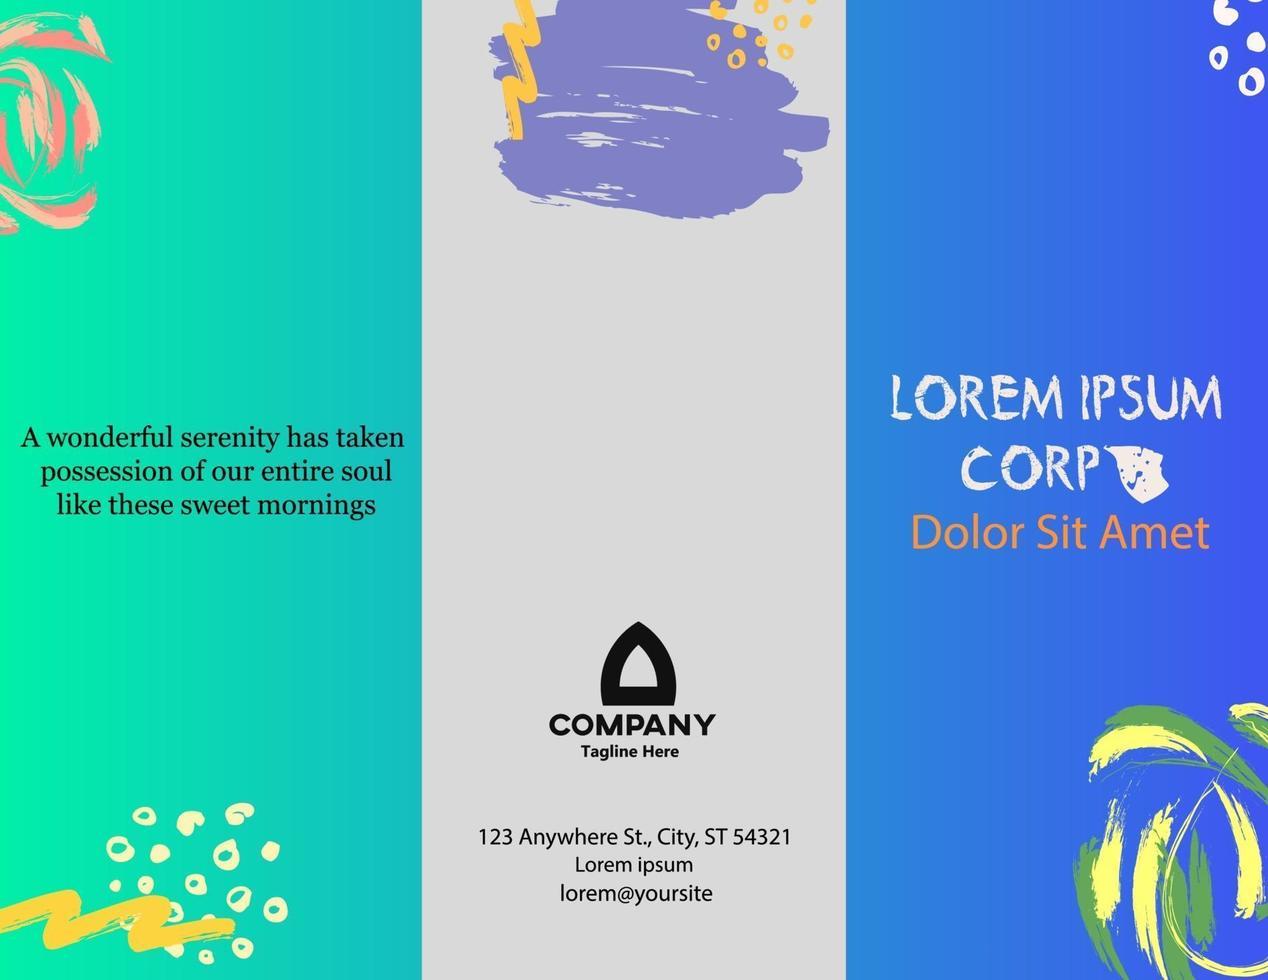 moderne Design Aquarell Broschüre Cover Layout Vektor Vorlage